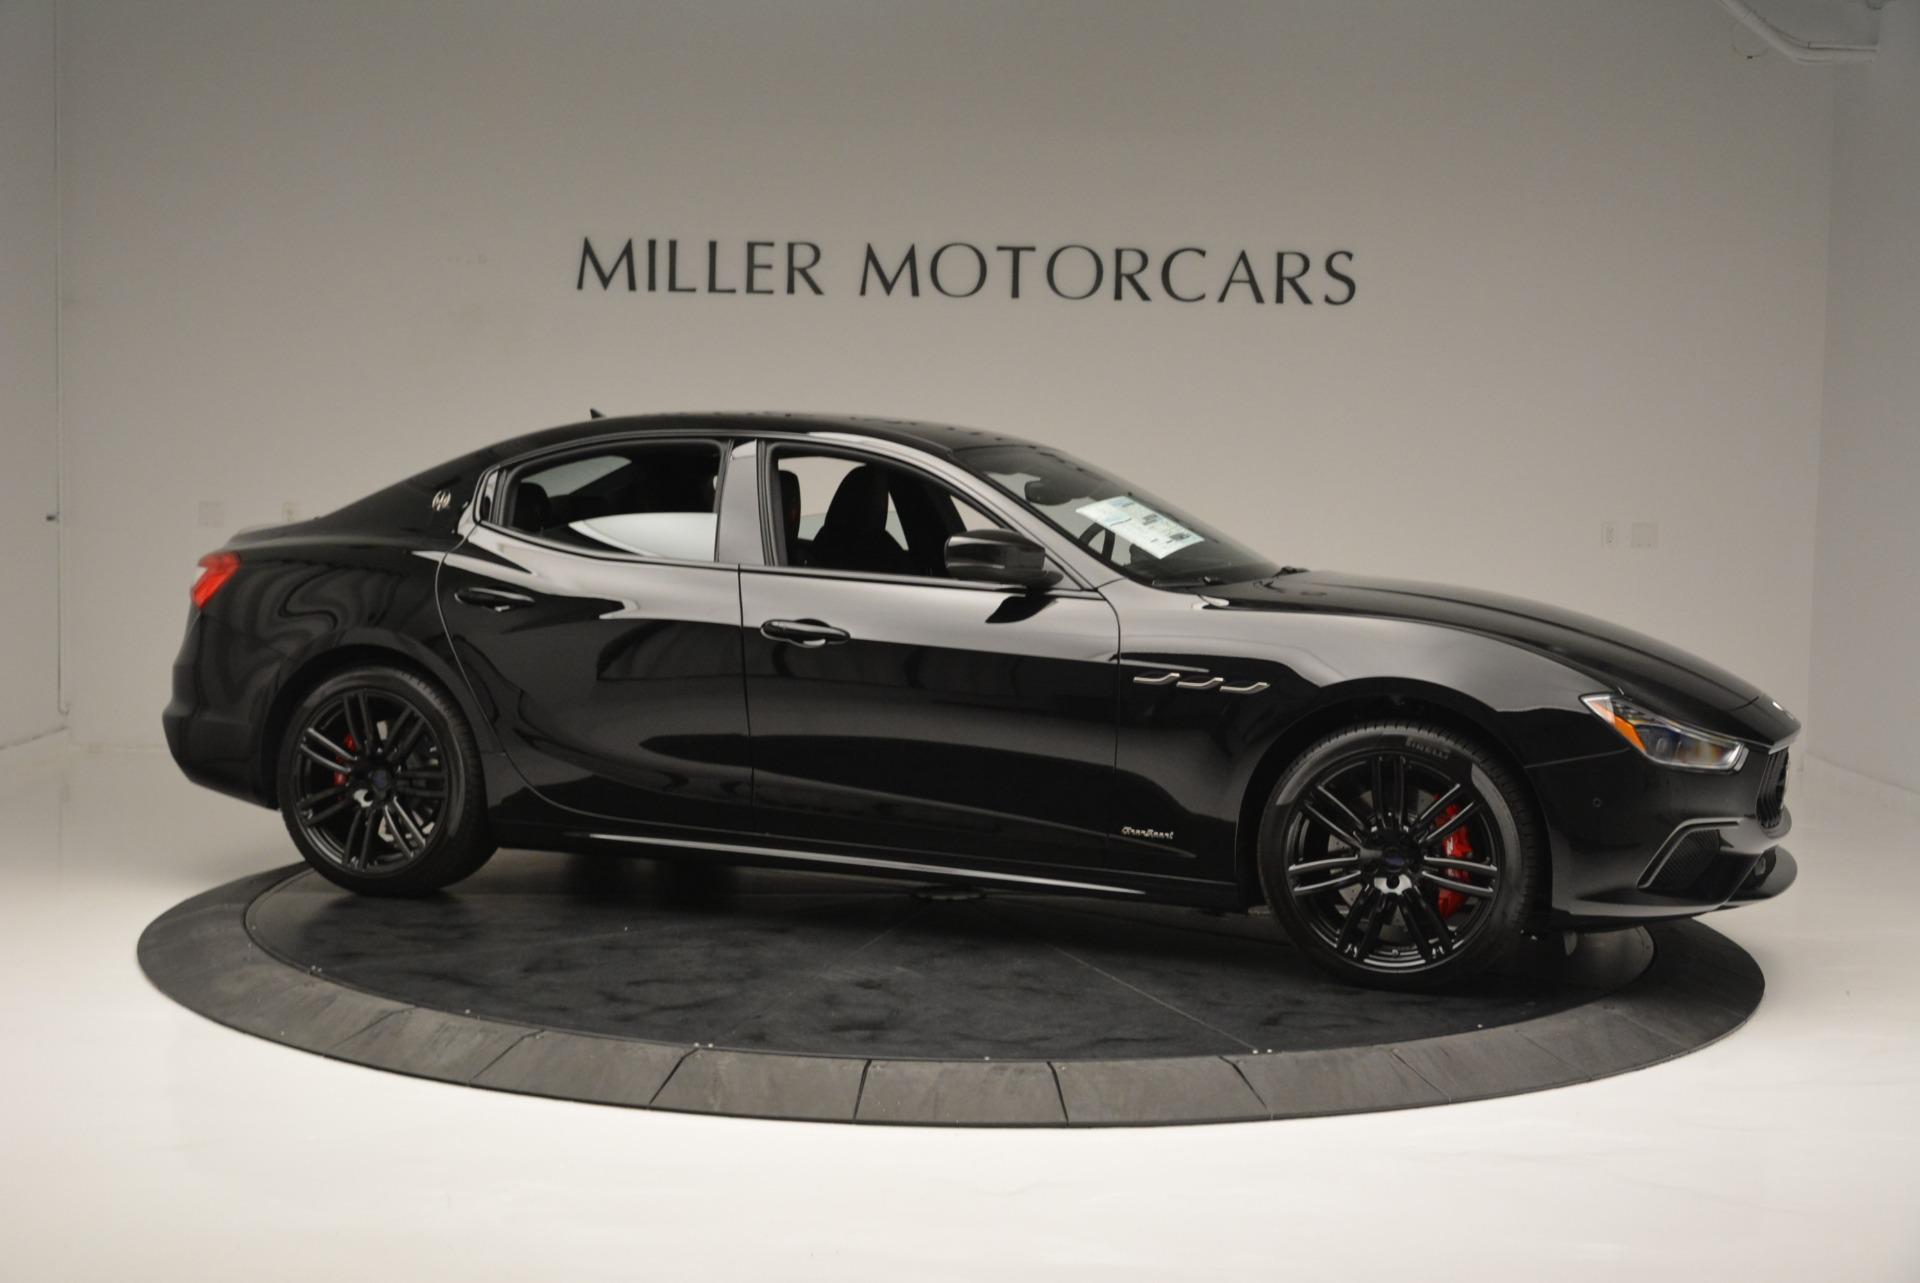 New 2018 Maserati Ghibli SQ4 GranSport Nerissimo For Sale In Greenwich, CT 2368_p10